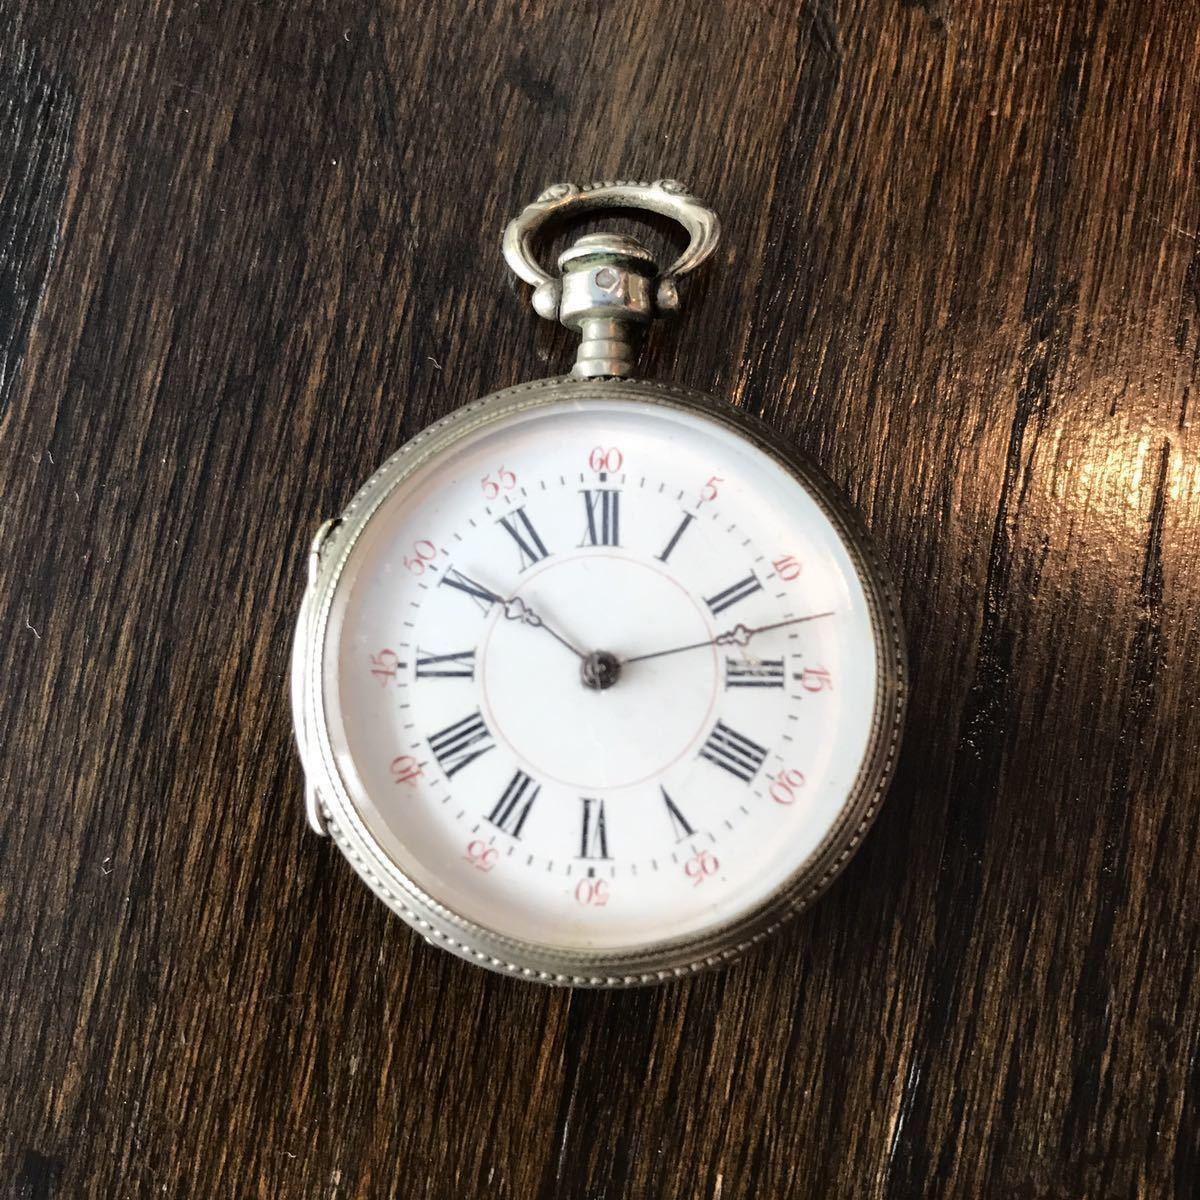 美麗ケース!銀無垢懐中時計⑥ 鍵巻 可動品_画像1